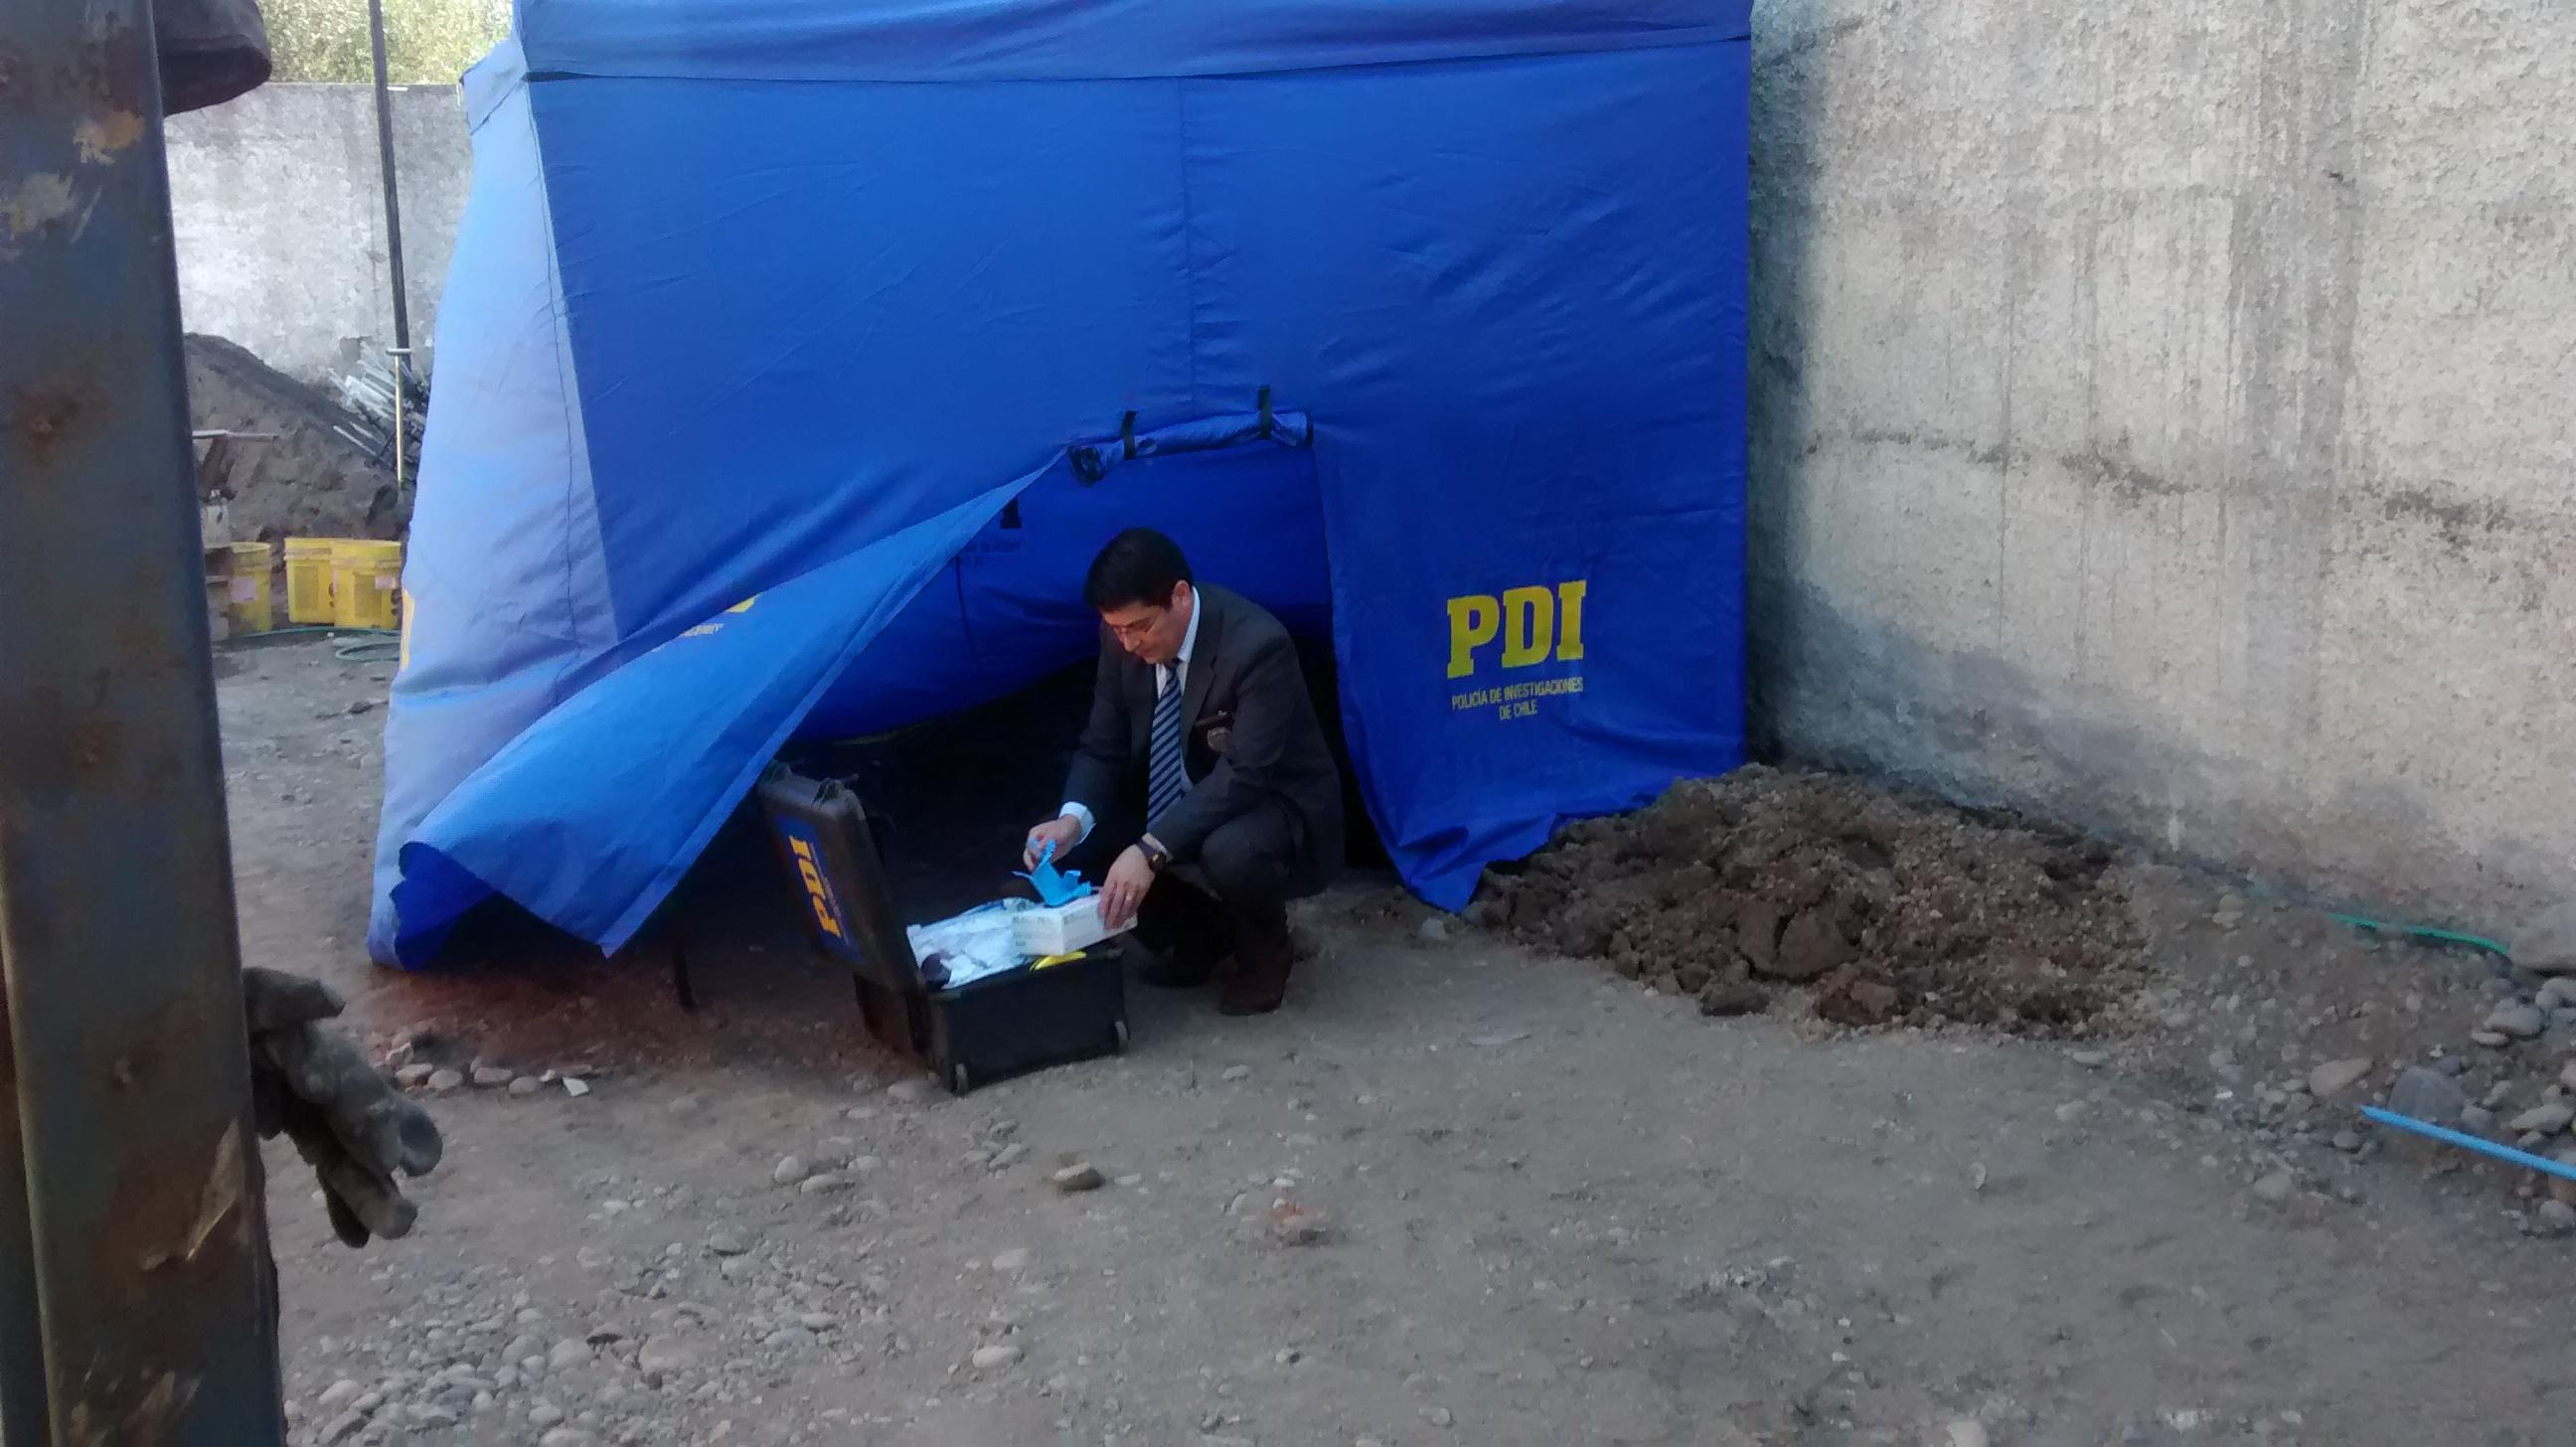 Peritos de la PDI investigaran causa de muerte de hombre encontrado en Talca